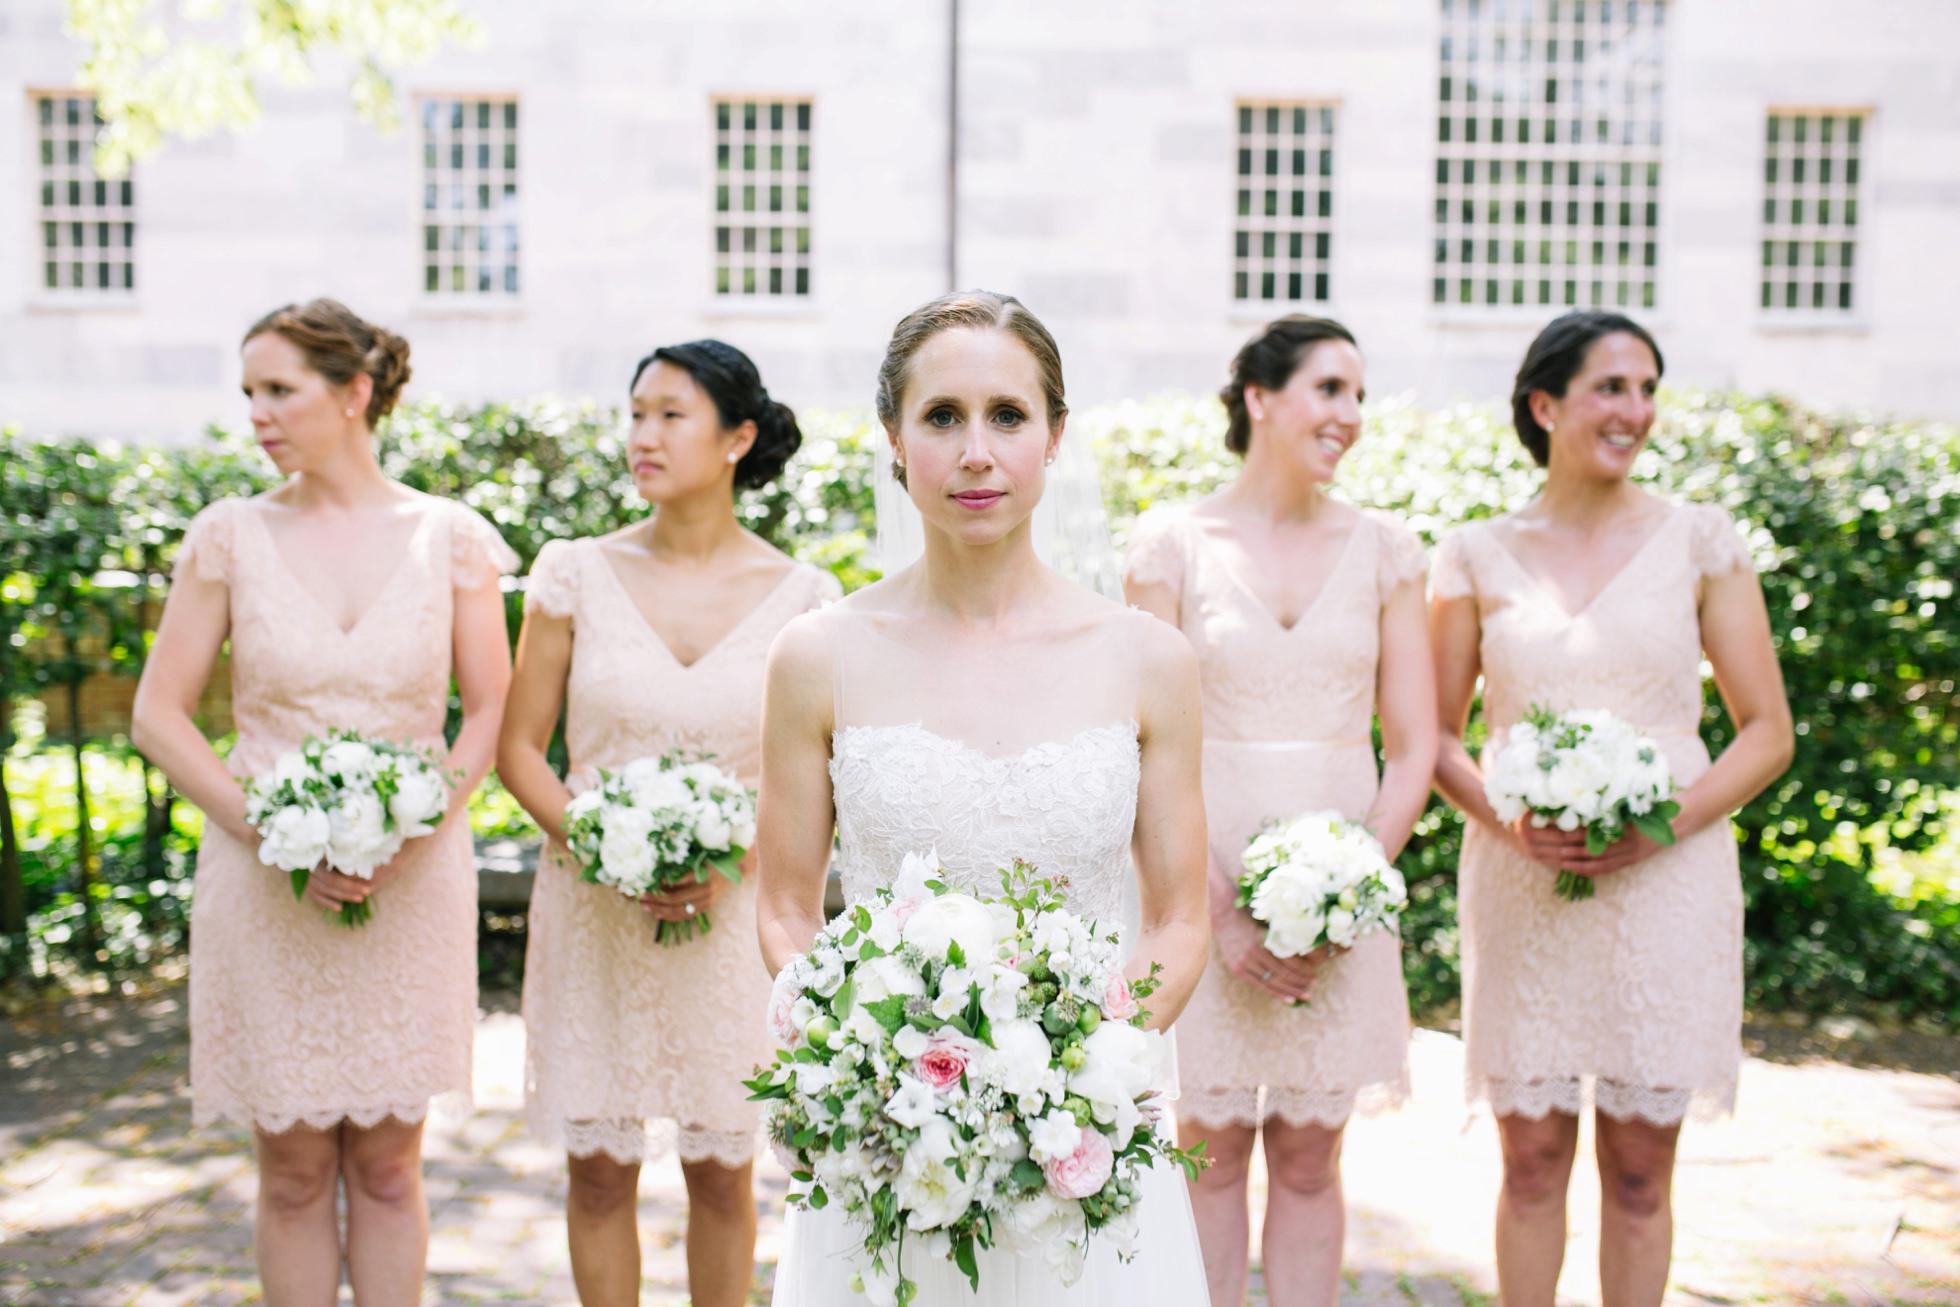 Romantic Bartram's Garden Outdoor Summer Wedding, Philadelphia | brittneyraine.com 035